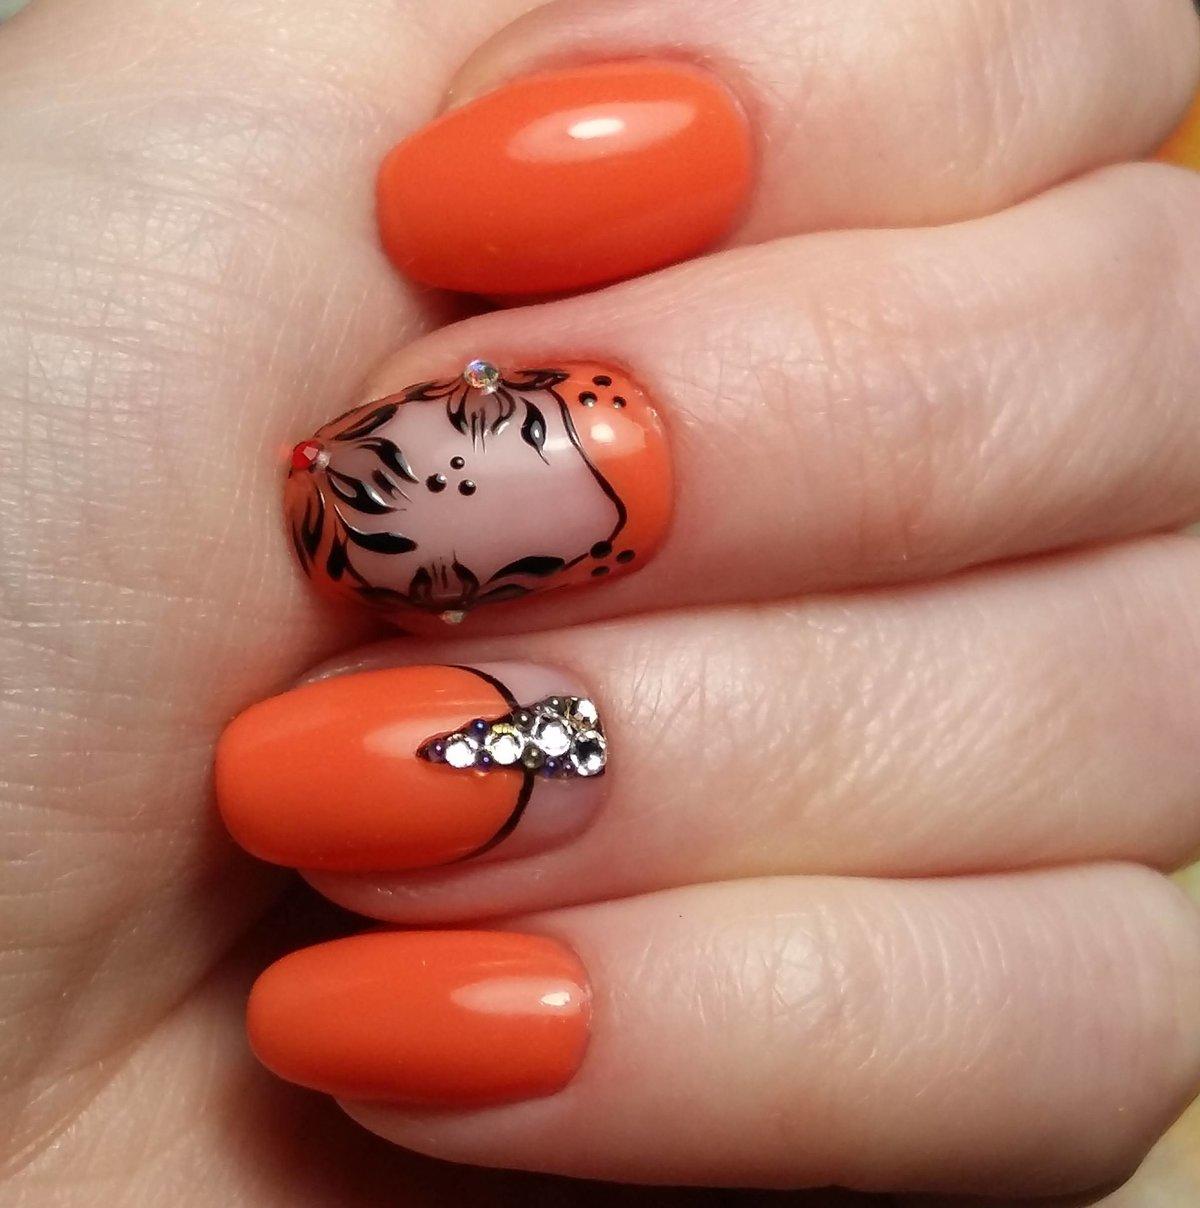 Фото ногтей гель лака оранжевый